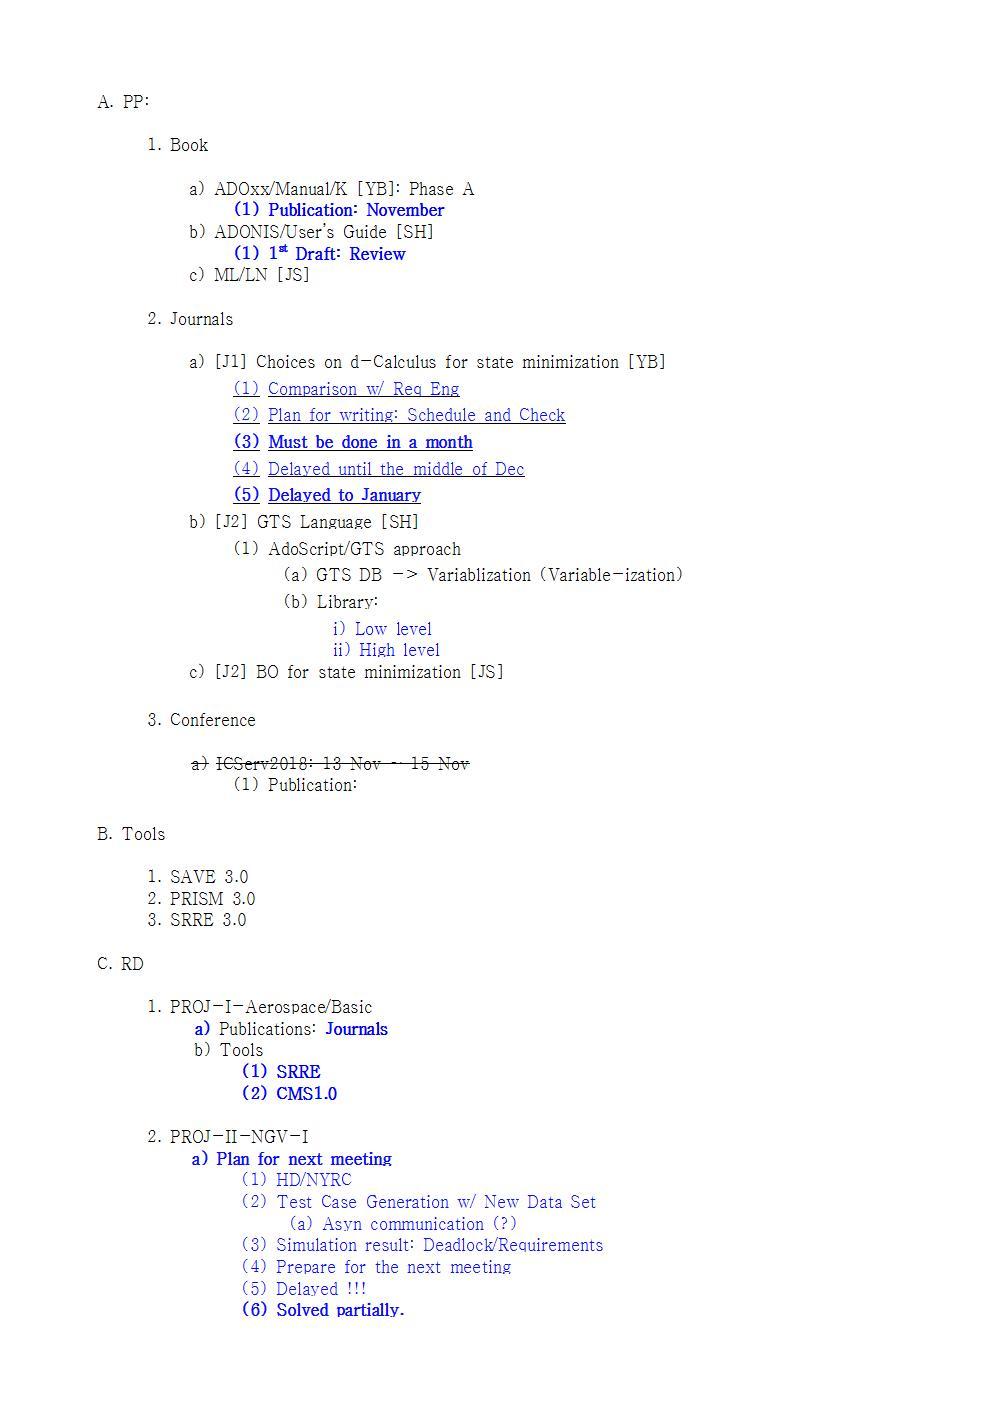 1-Mon-2018-12-24-PLAN-MK-Agenda002.jpg